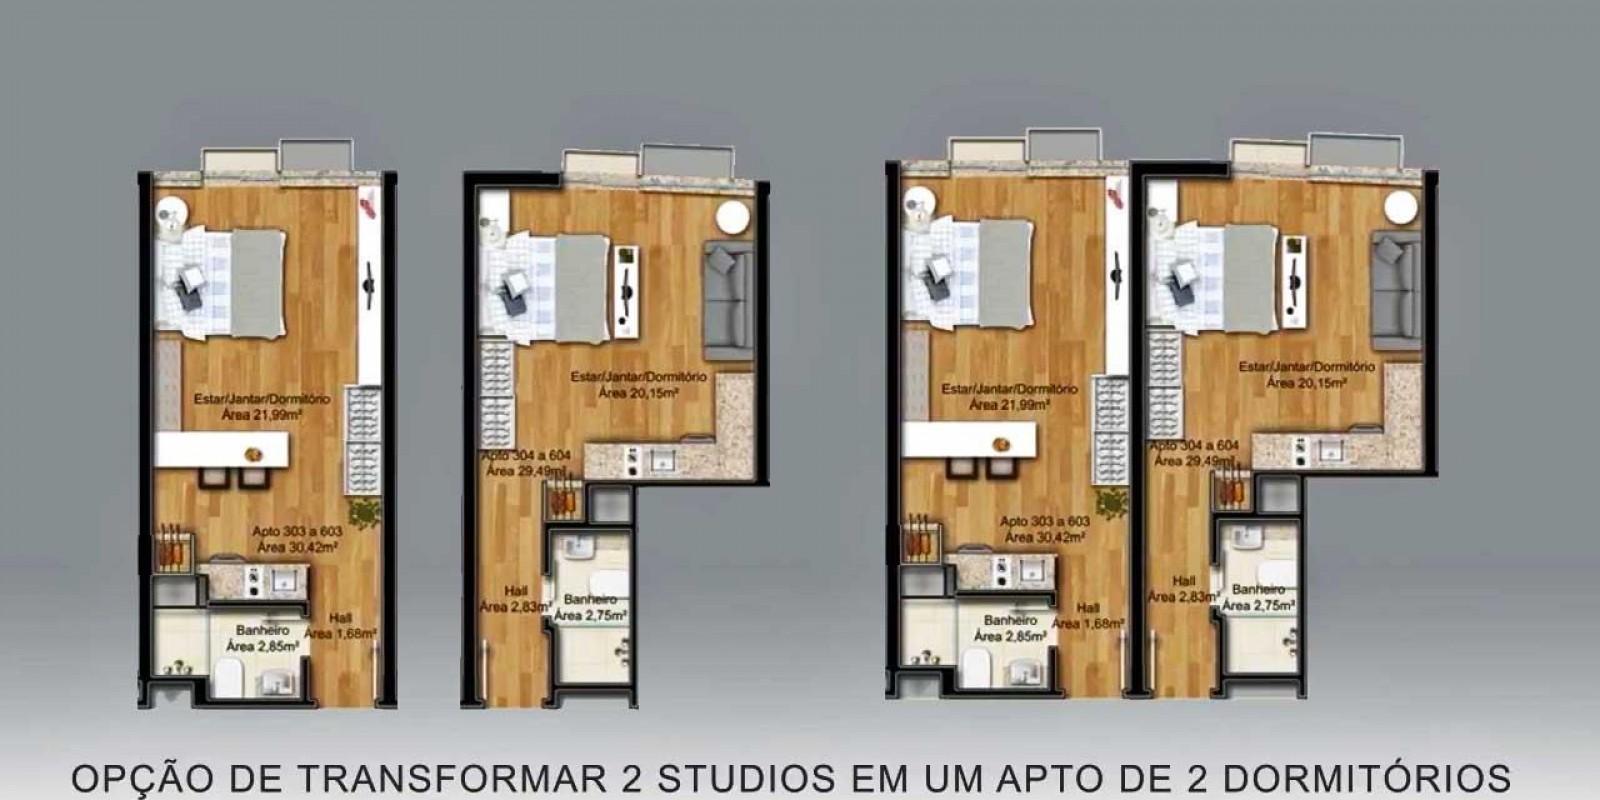 TPS Imóveis - Veja Foto 2 de 20 do Apartamento Studio Perto PUC-RS